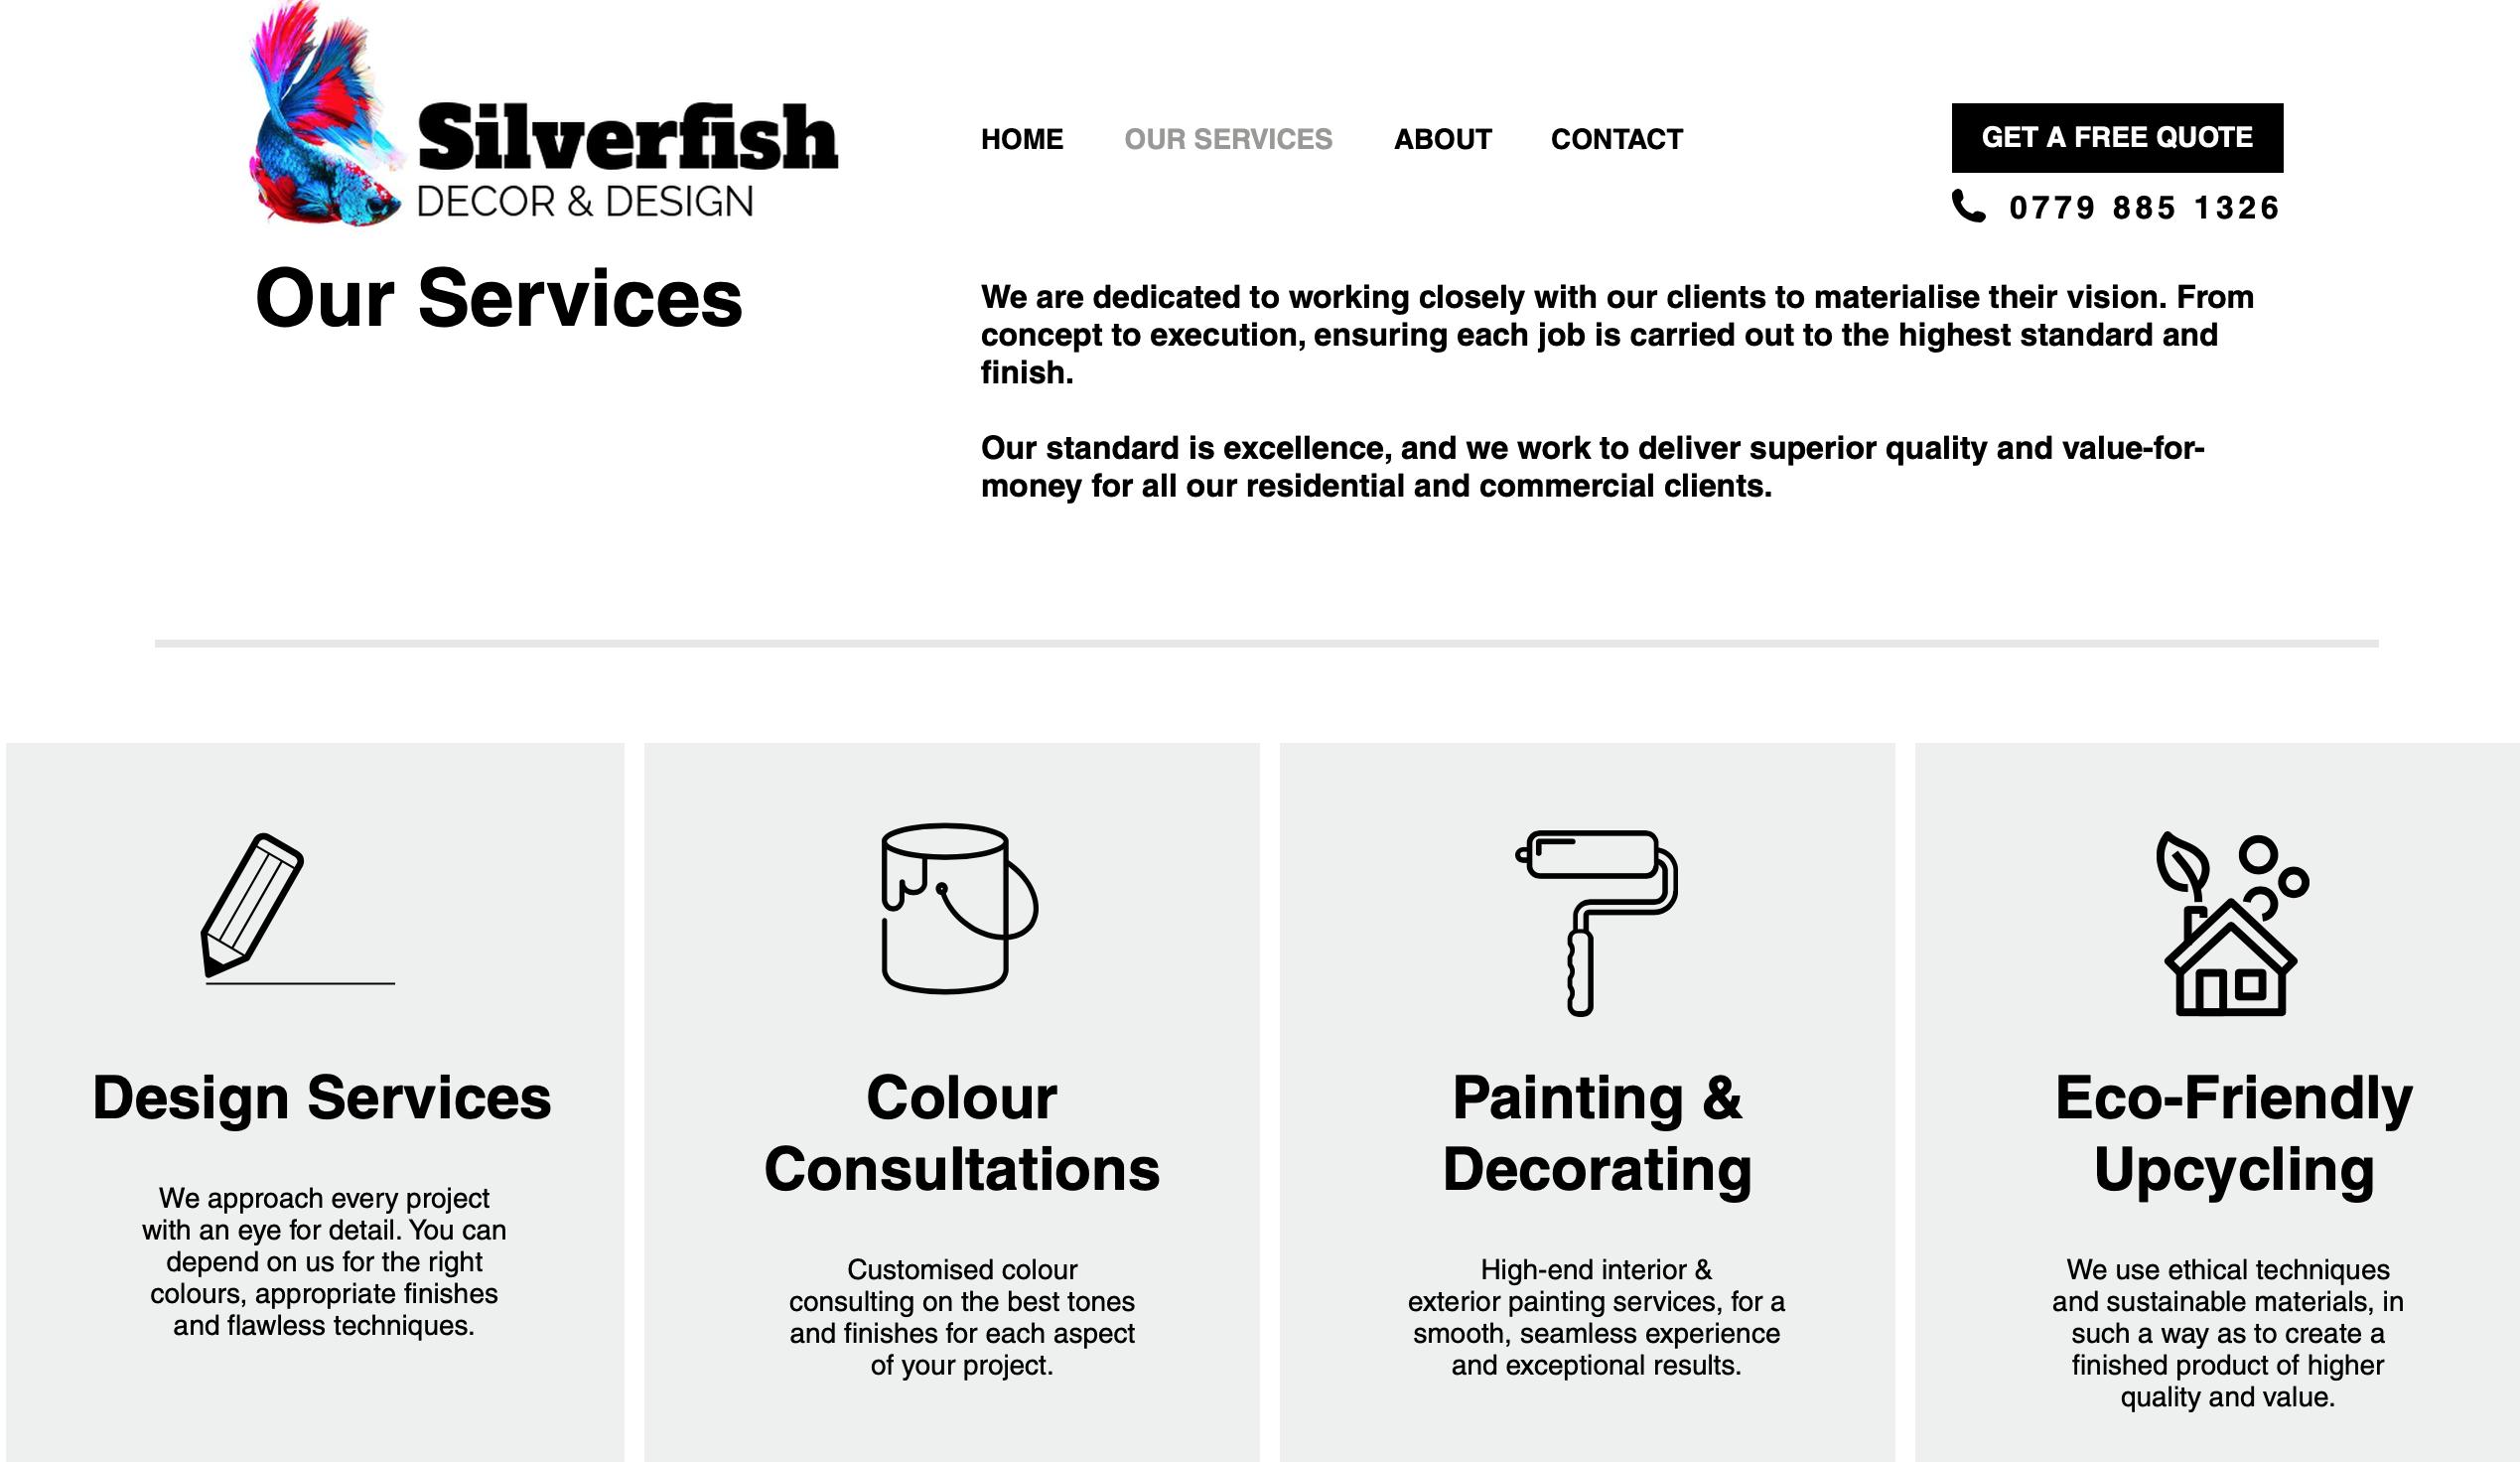 Website | Silverfish Decor & Design